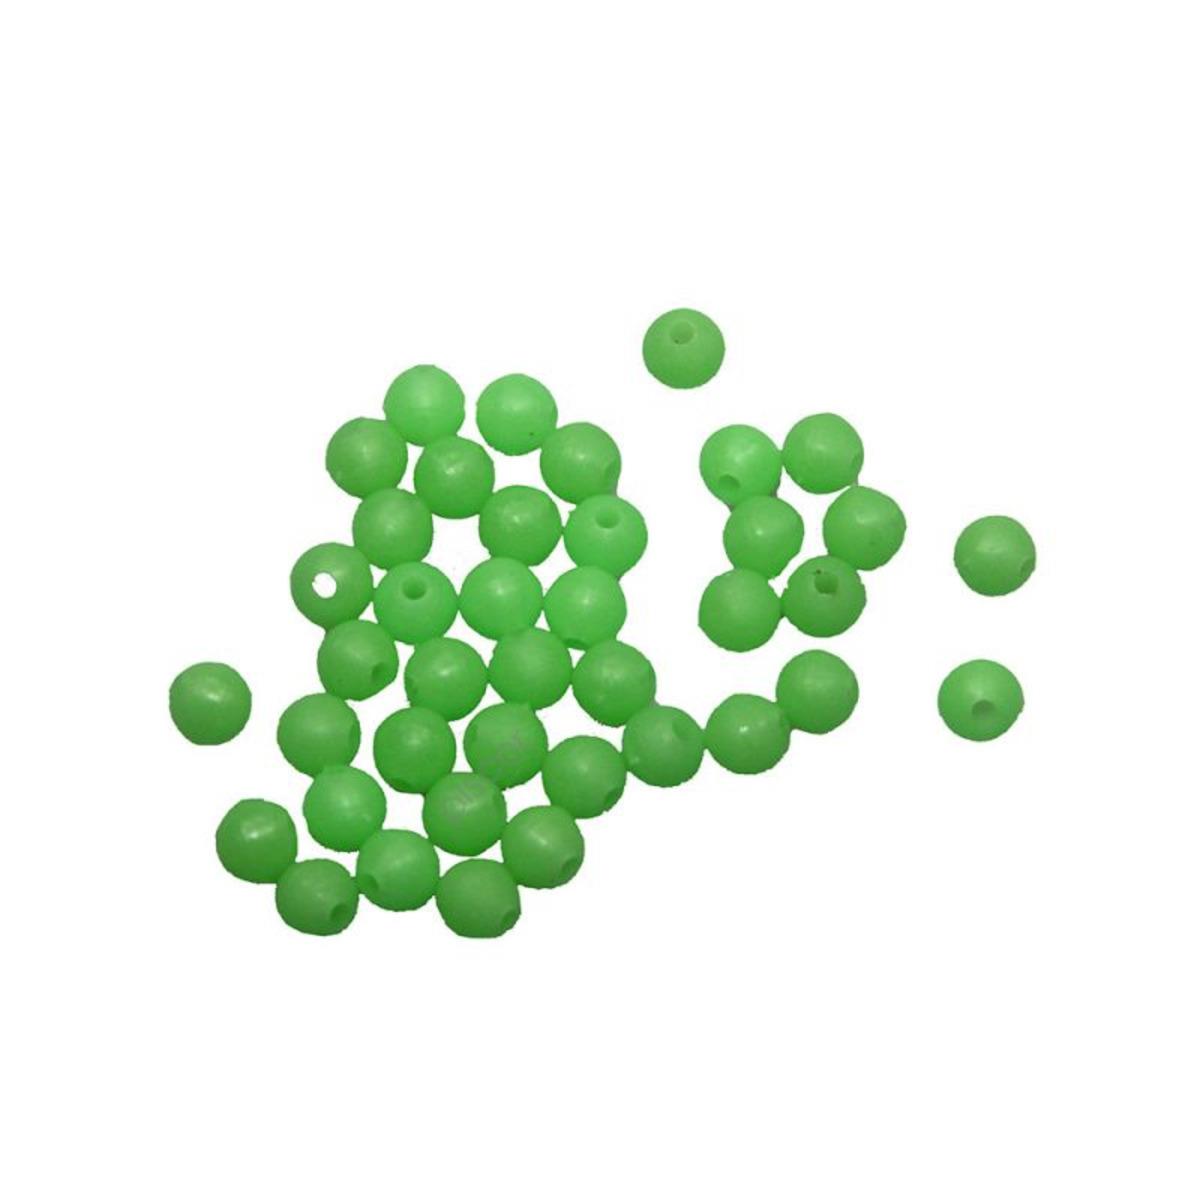 Contumax Runde weiche Perle leuchtend grün - 2 mm